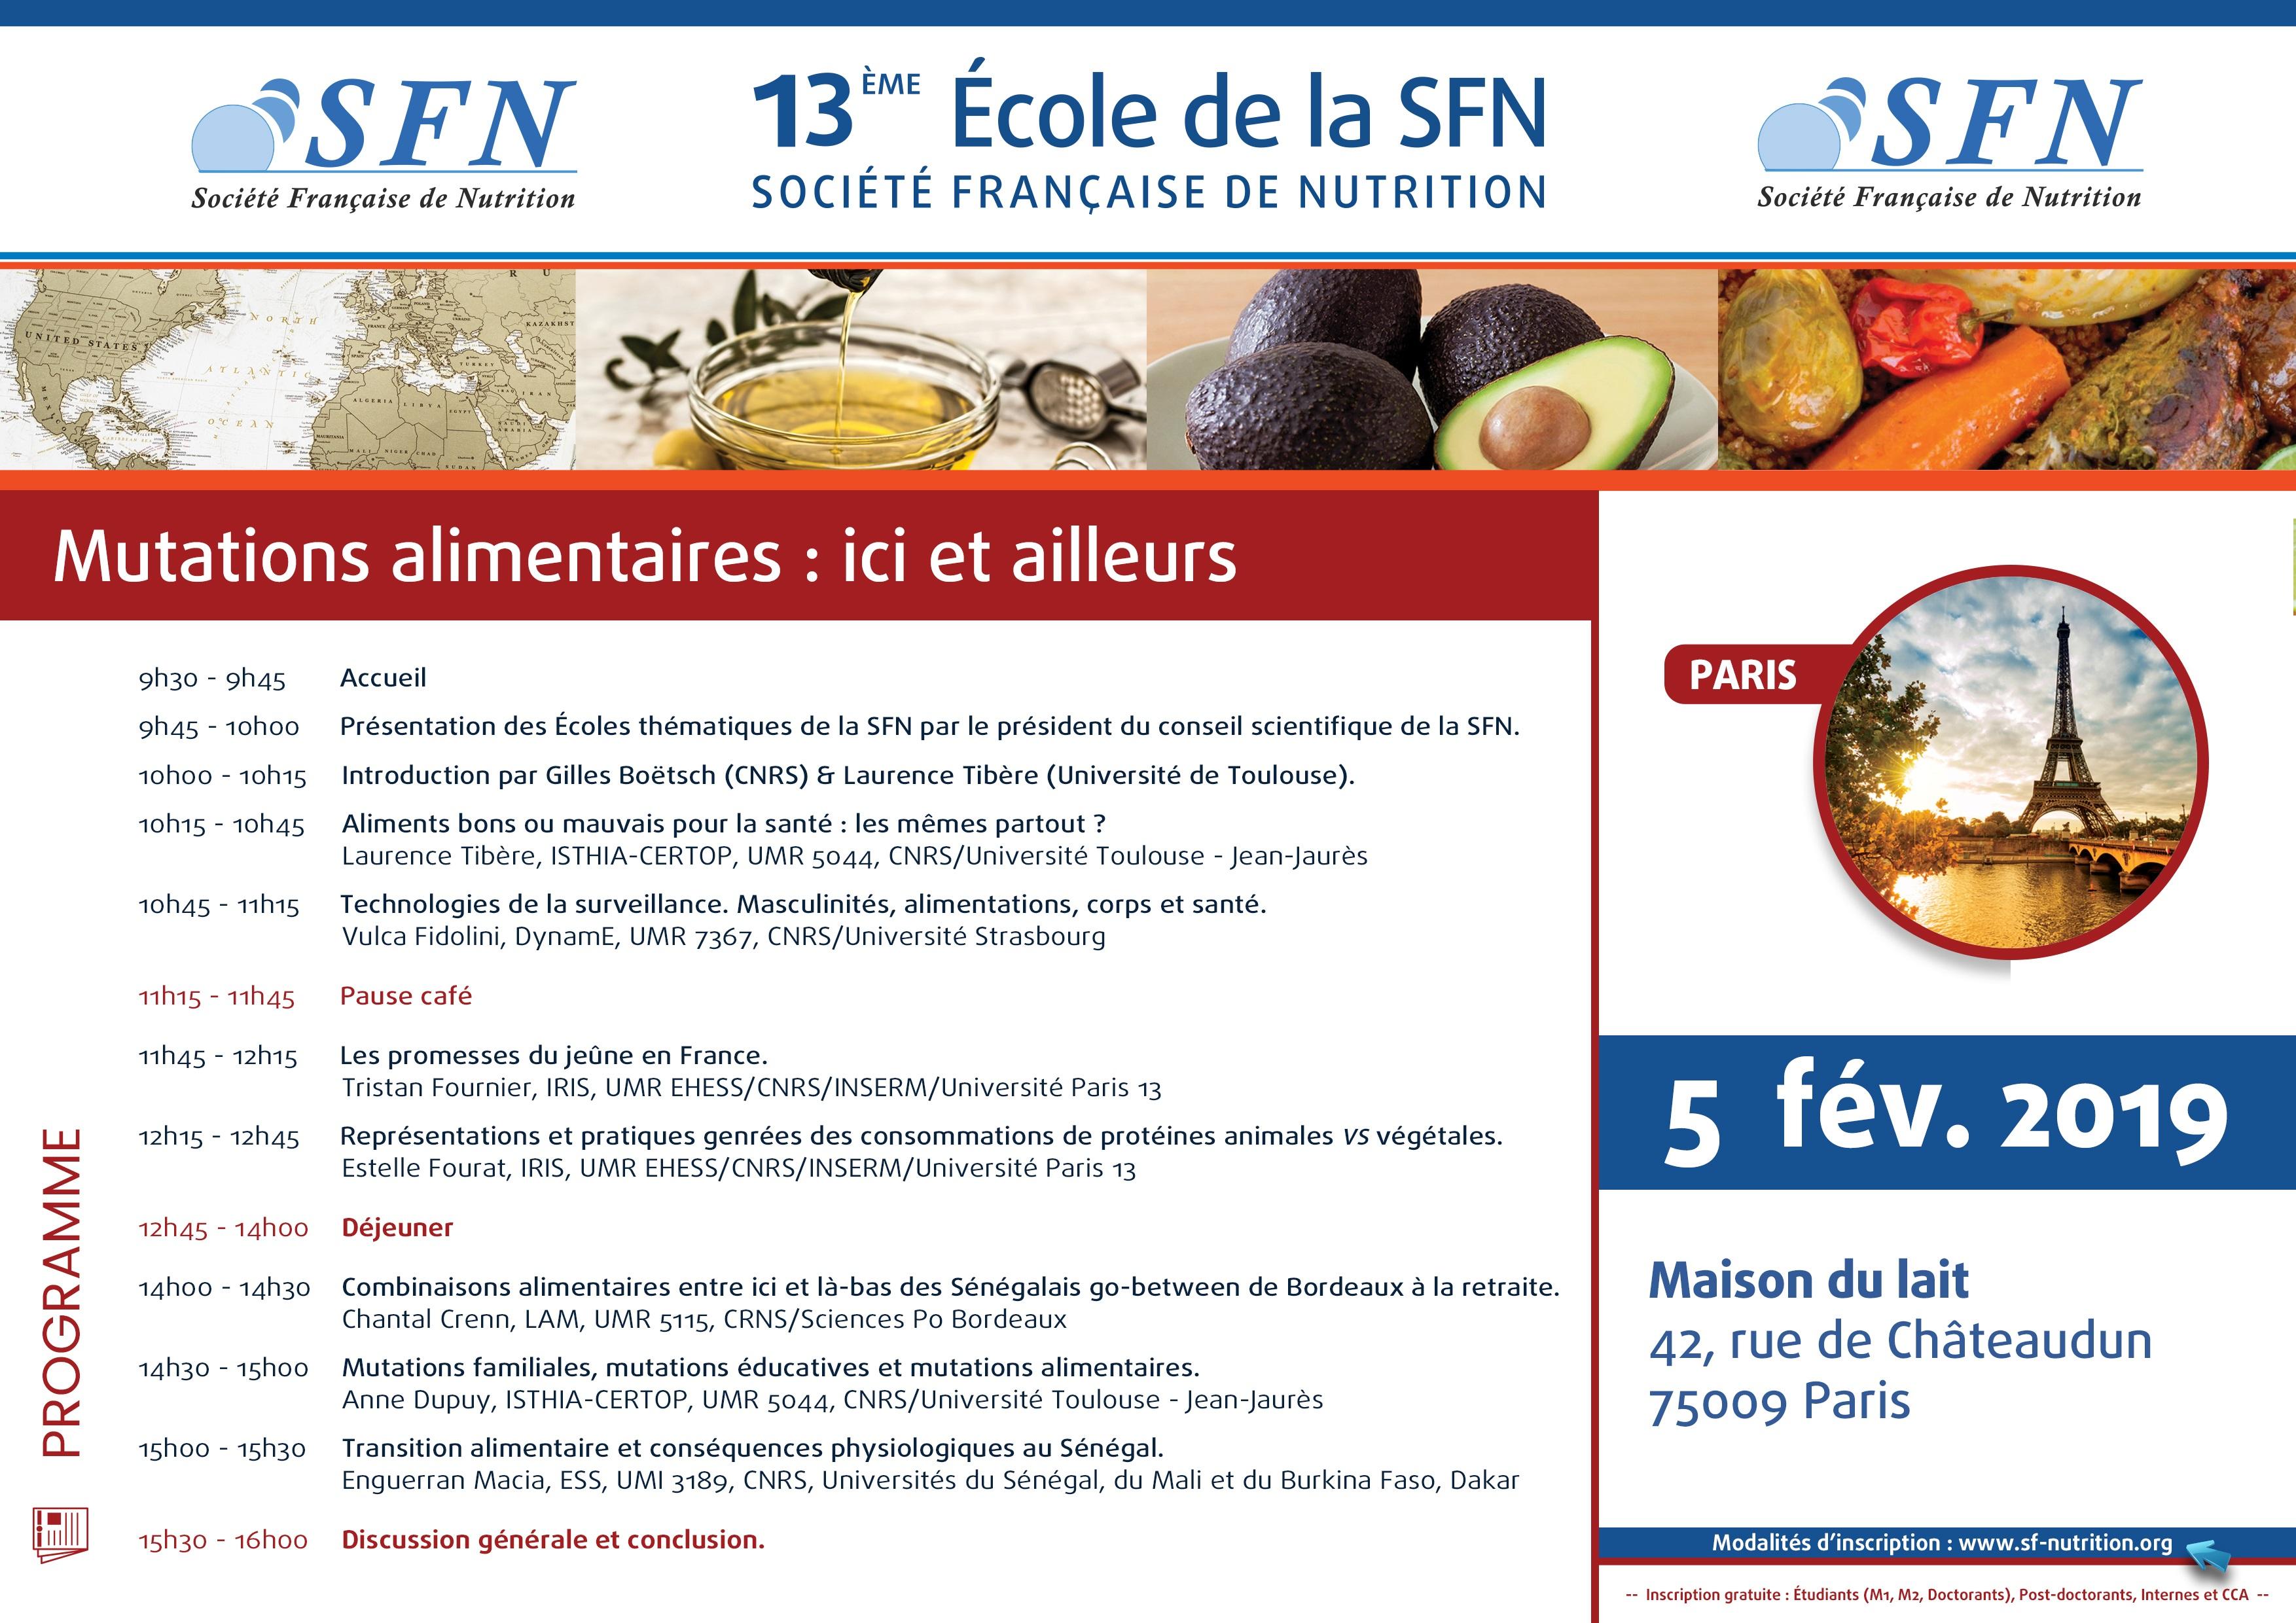 SFN_13eme-Ecole-SFN-Horizontal-A4